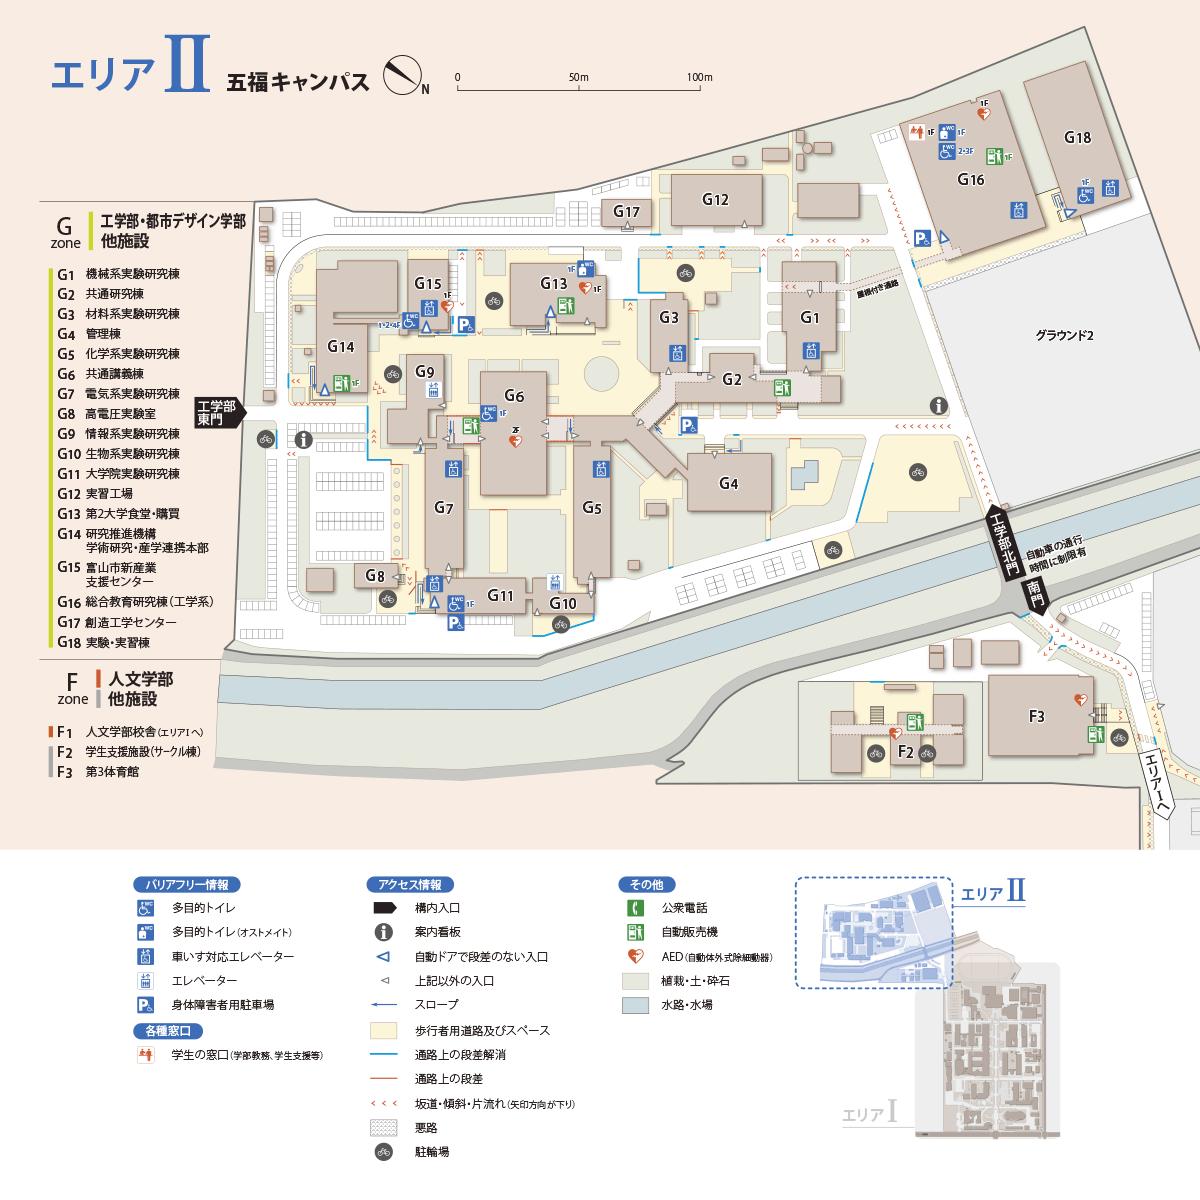 五福キャンパス工学部 アクセシビリティ・マップ